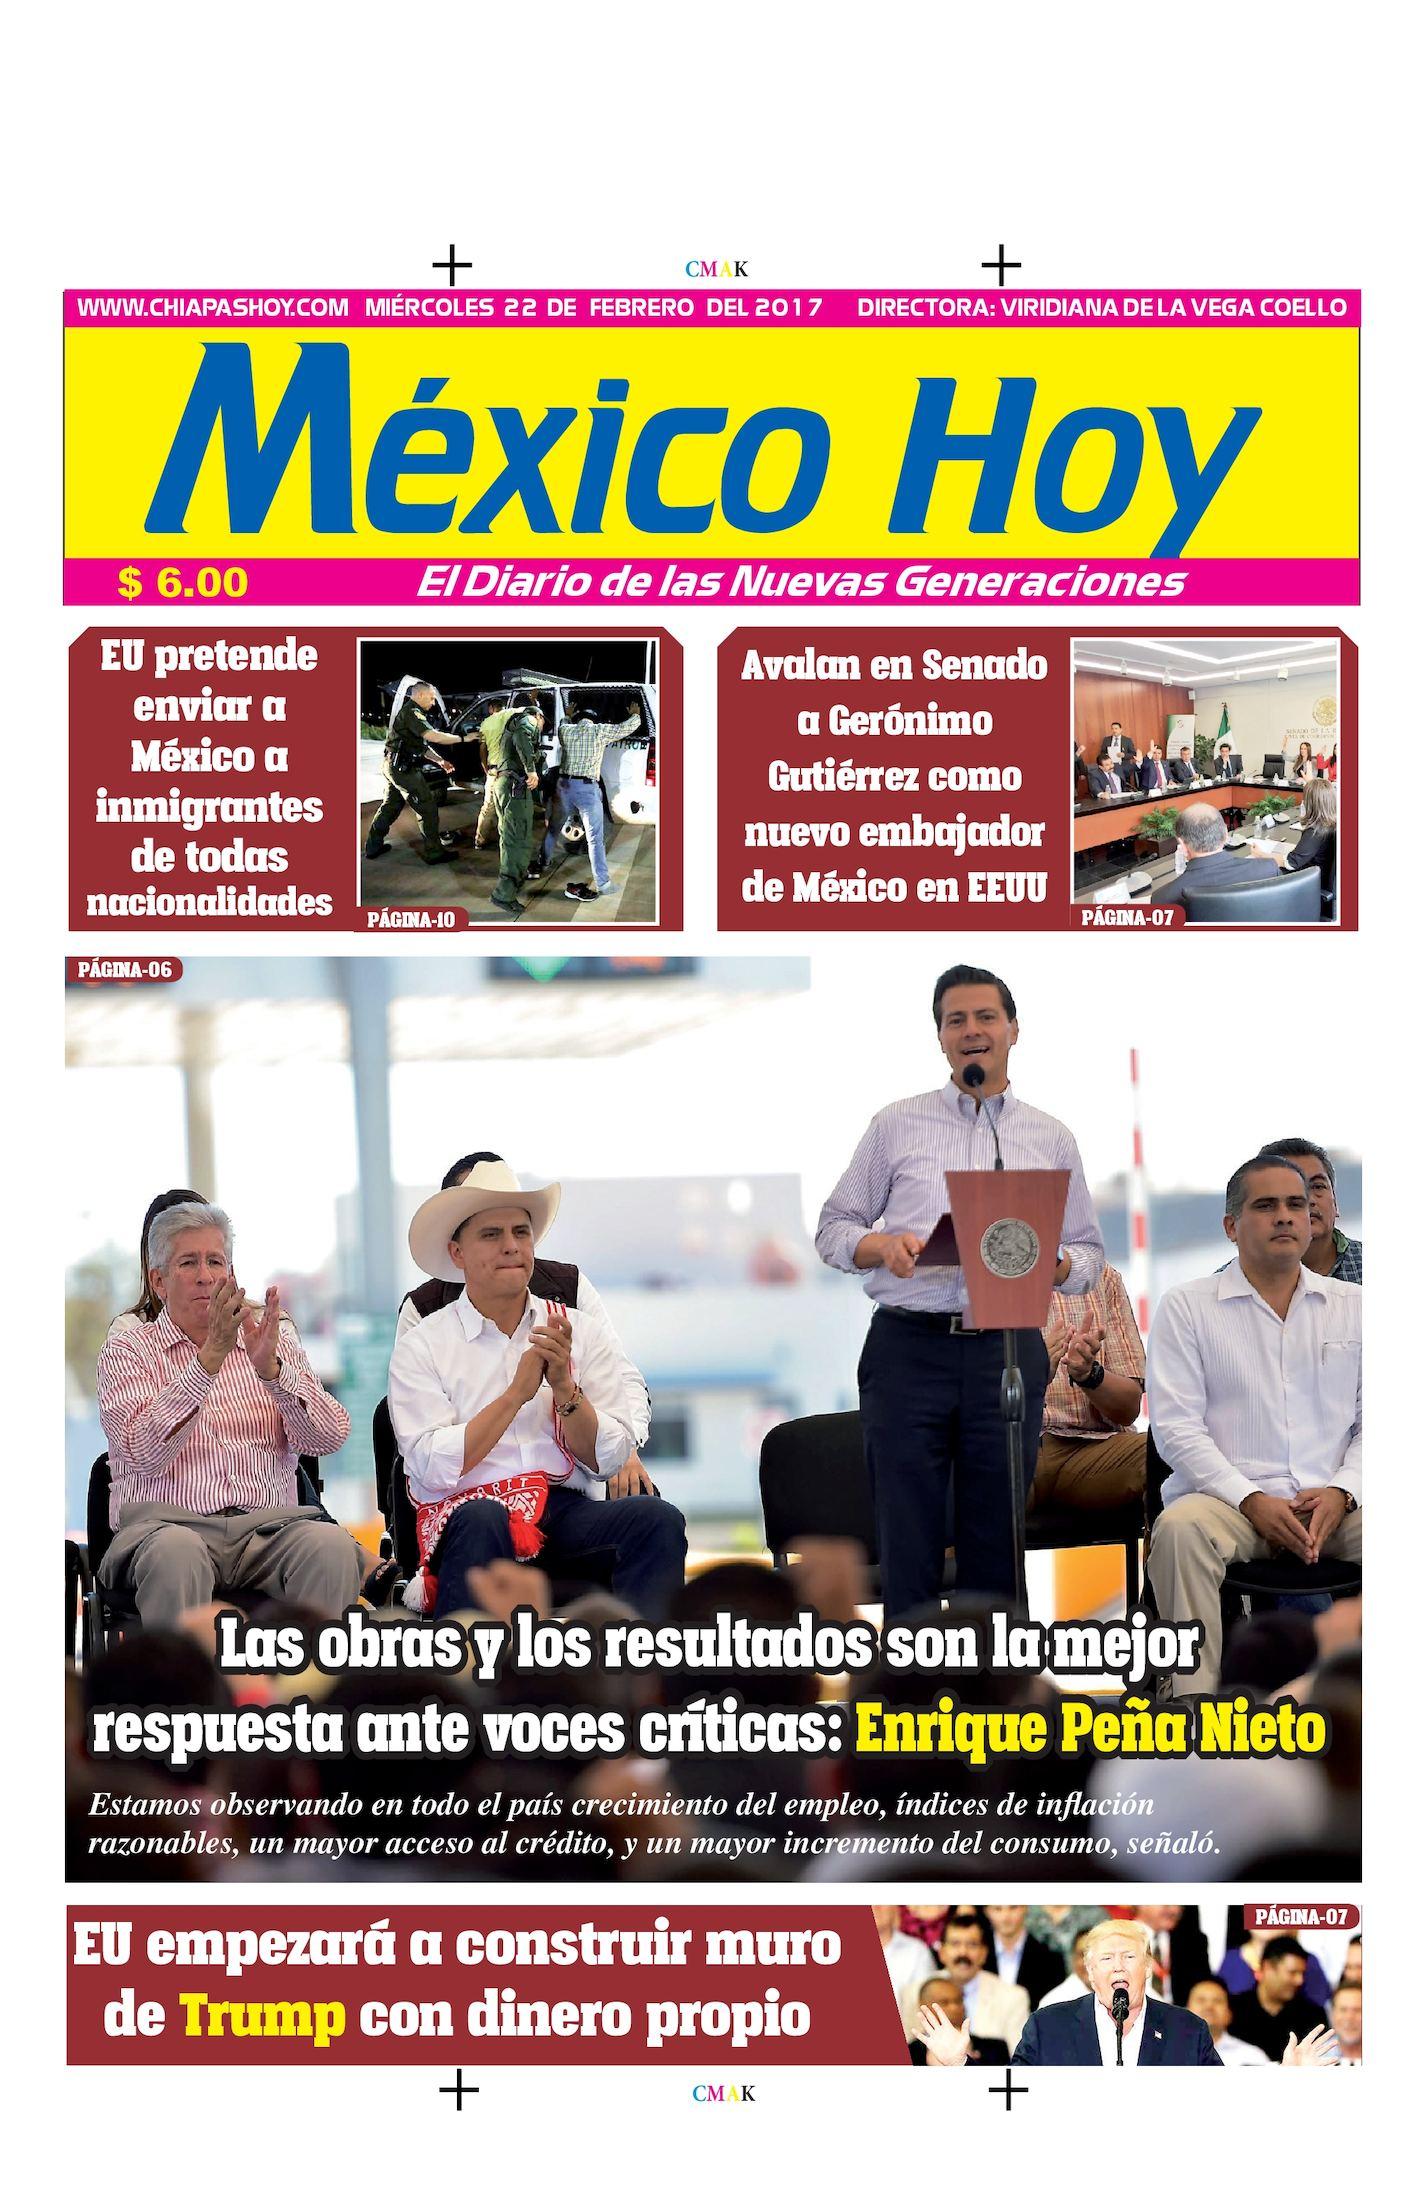 MEXICO 22 DE FEBRERO